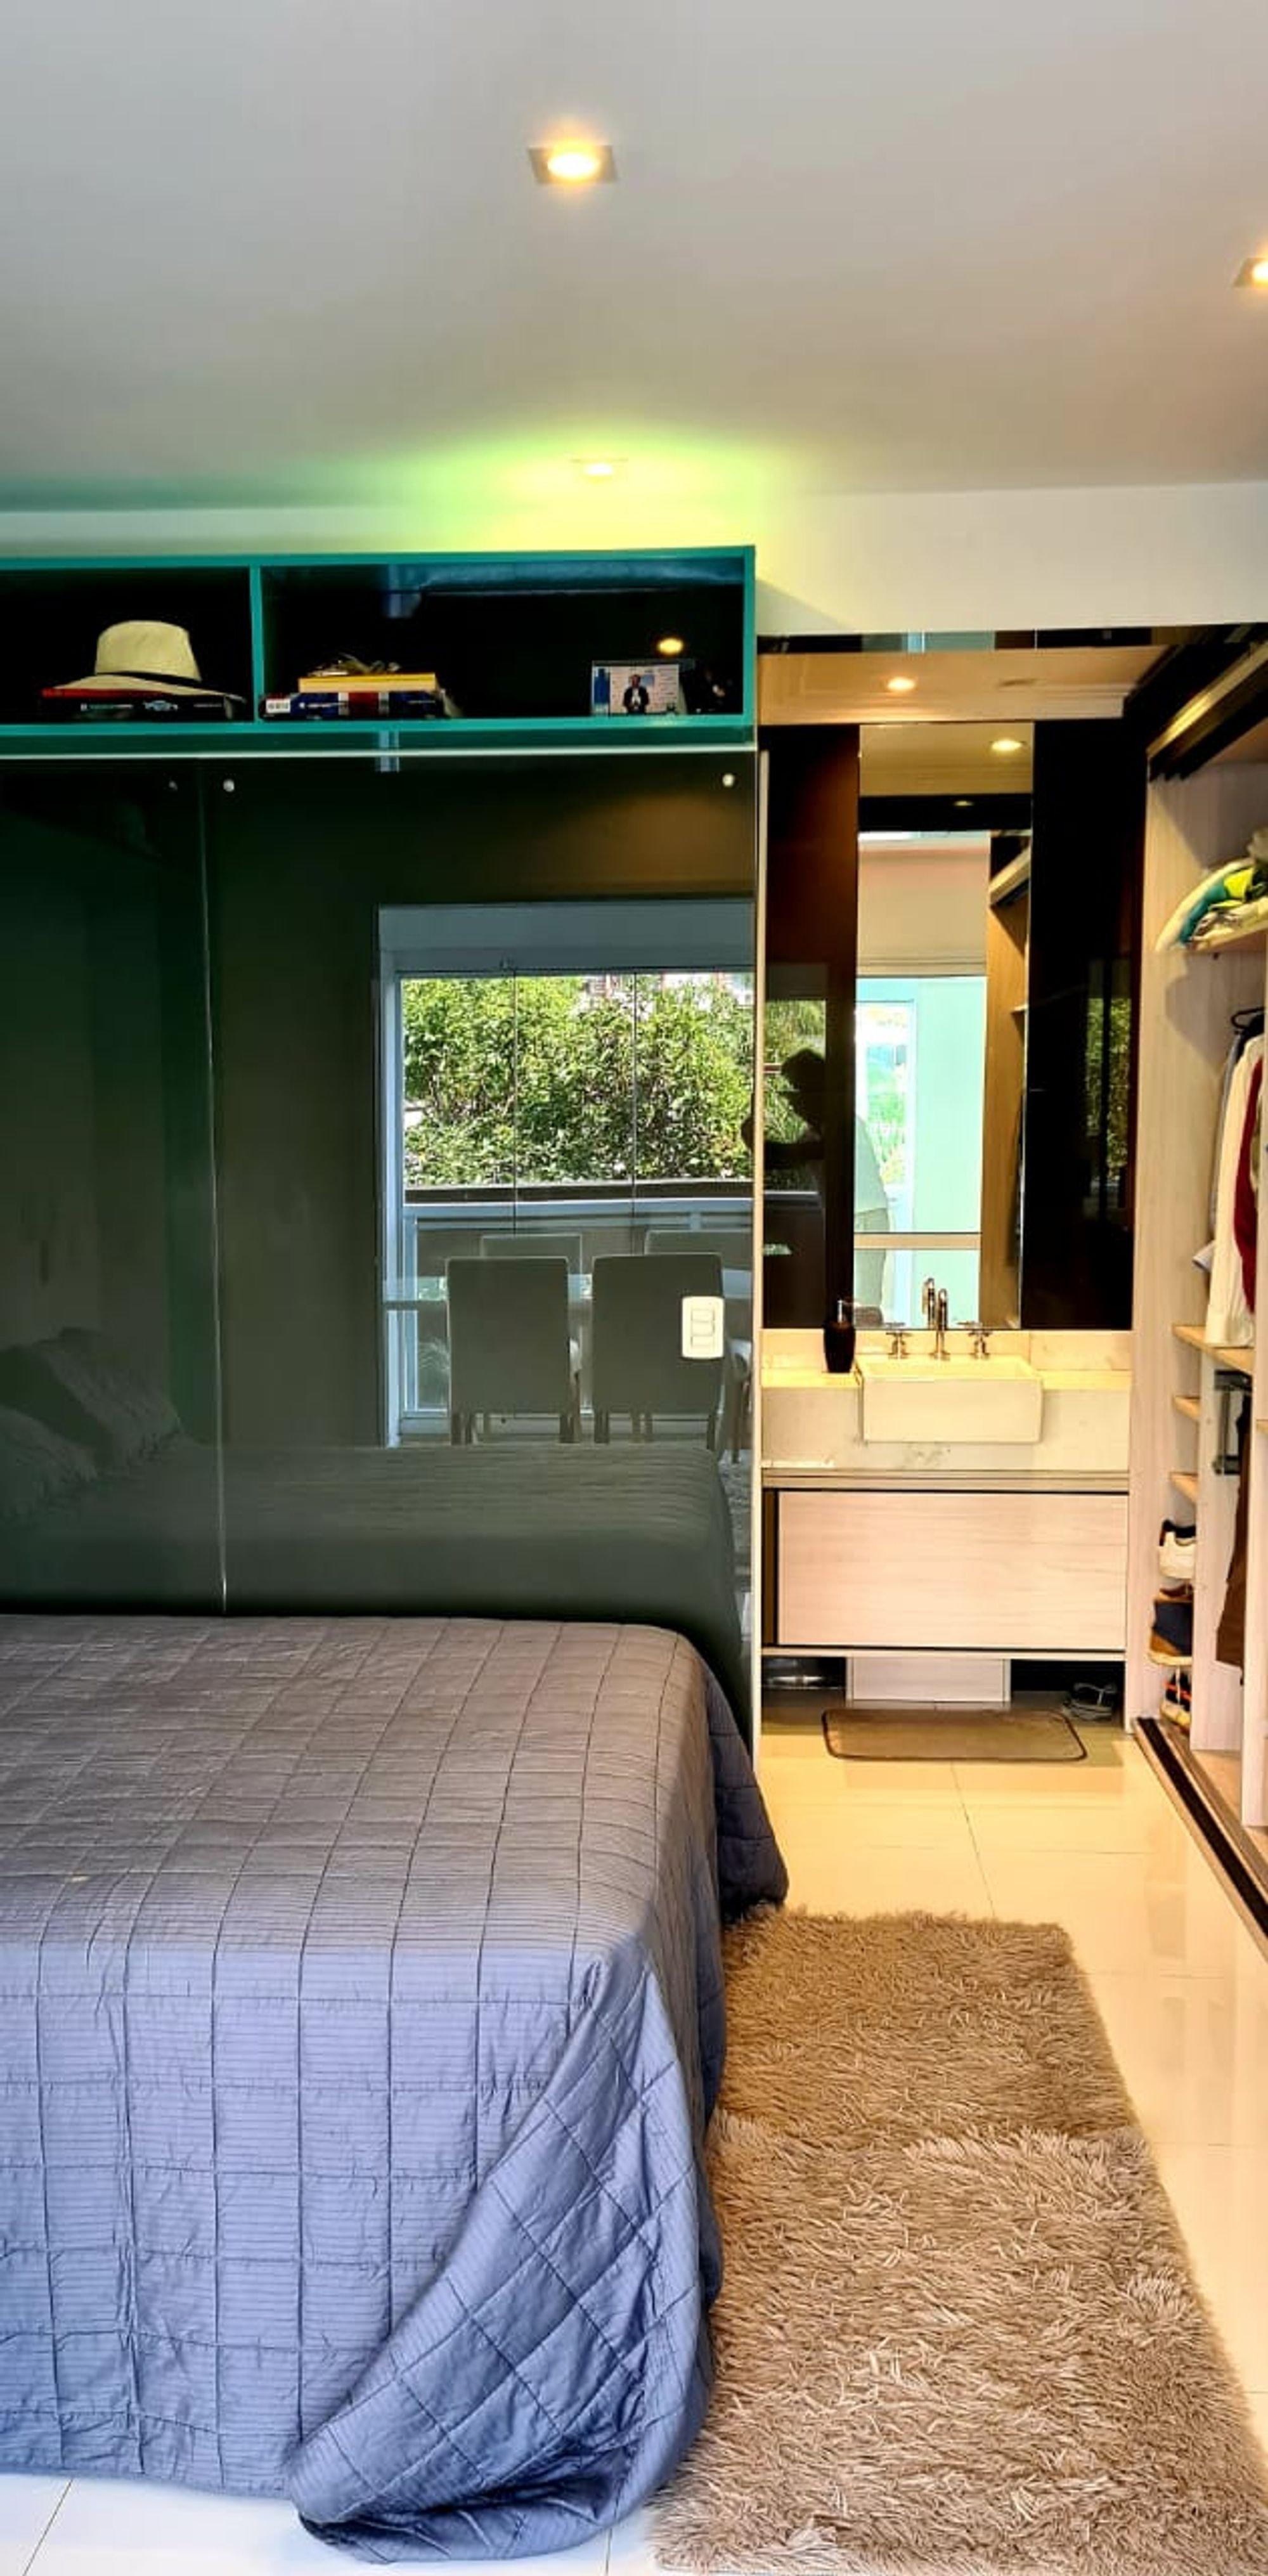 Foto de Sala com cama